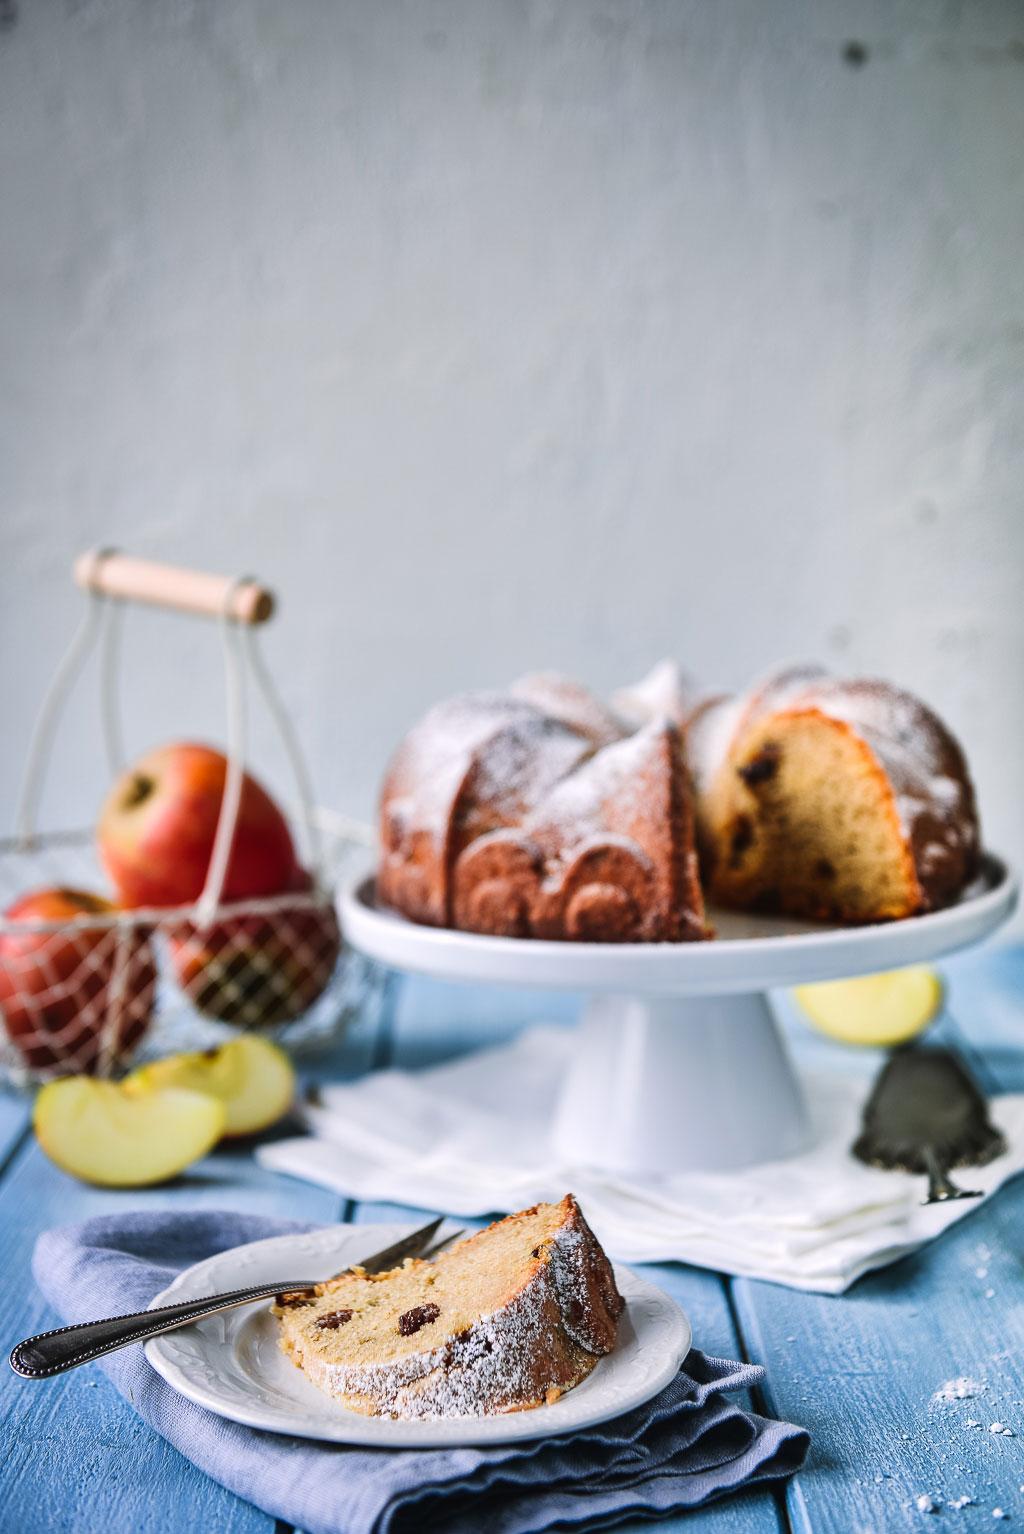 Schneller Apfelmuskuchen ist ideal wenn die Zeit knapp ist und der Hunger auf Kuchen groß. Hier findest Du ein einfaches Rezept. Absolut köstlich!